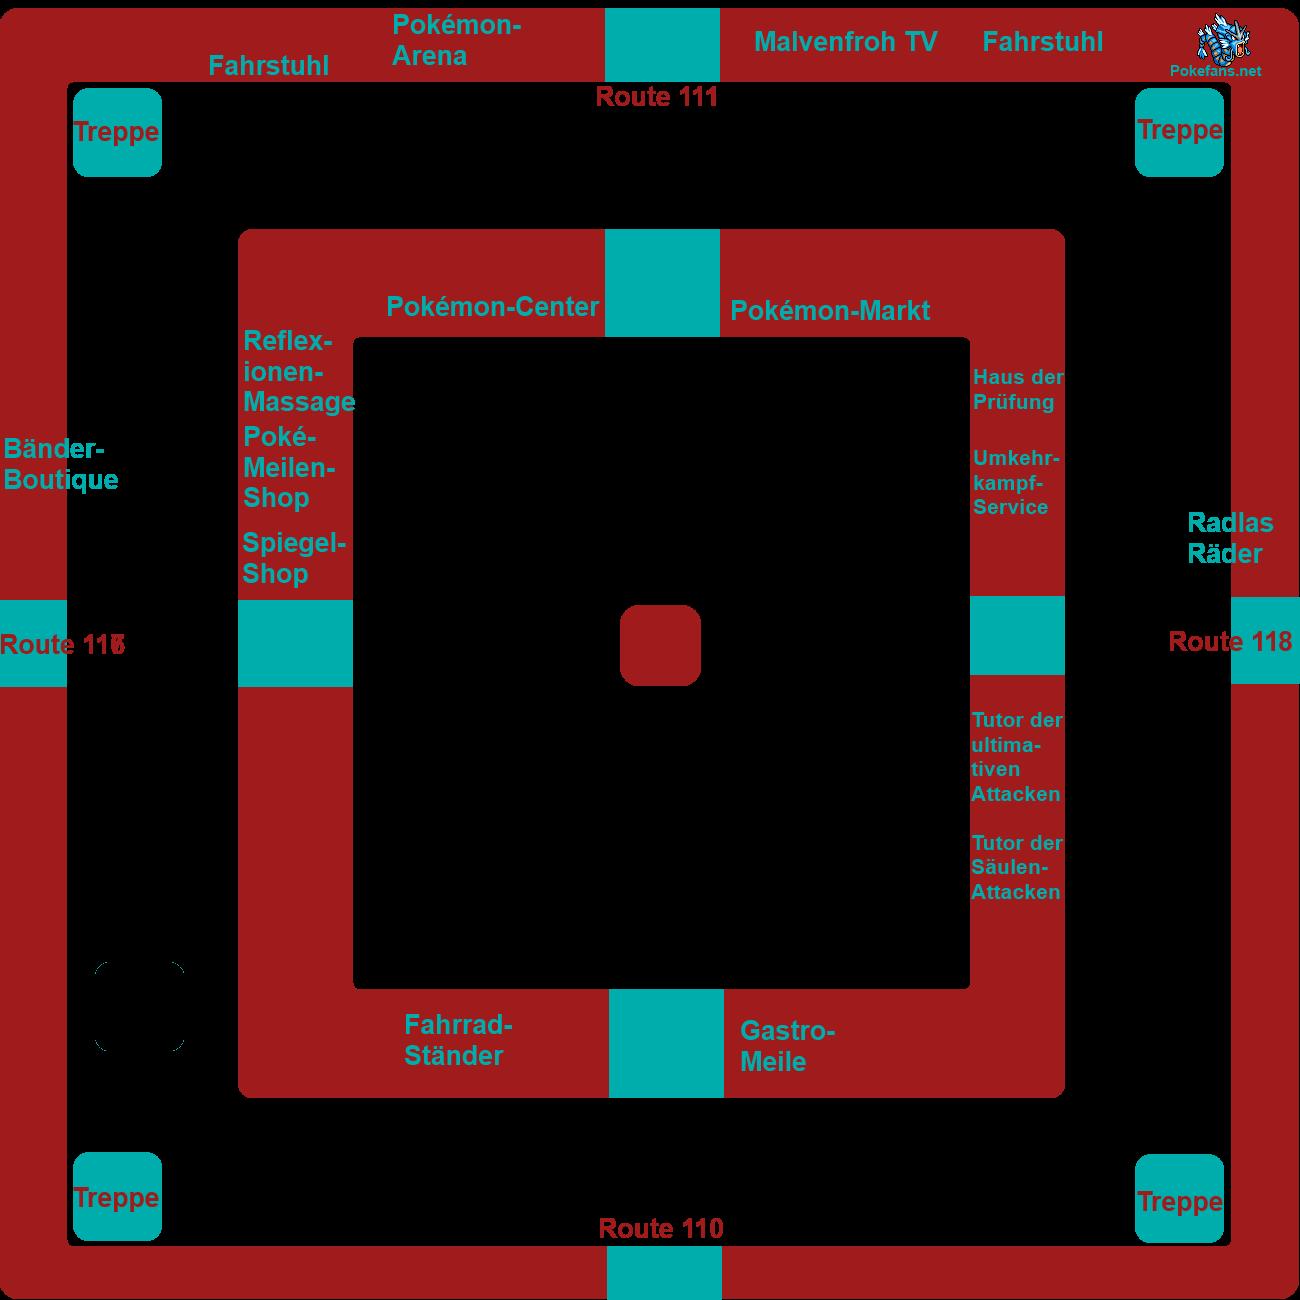 Beschriftete Karte von Malvenfroh City